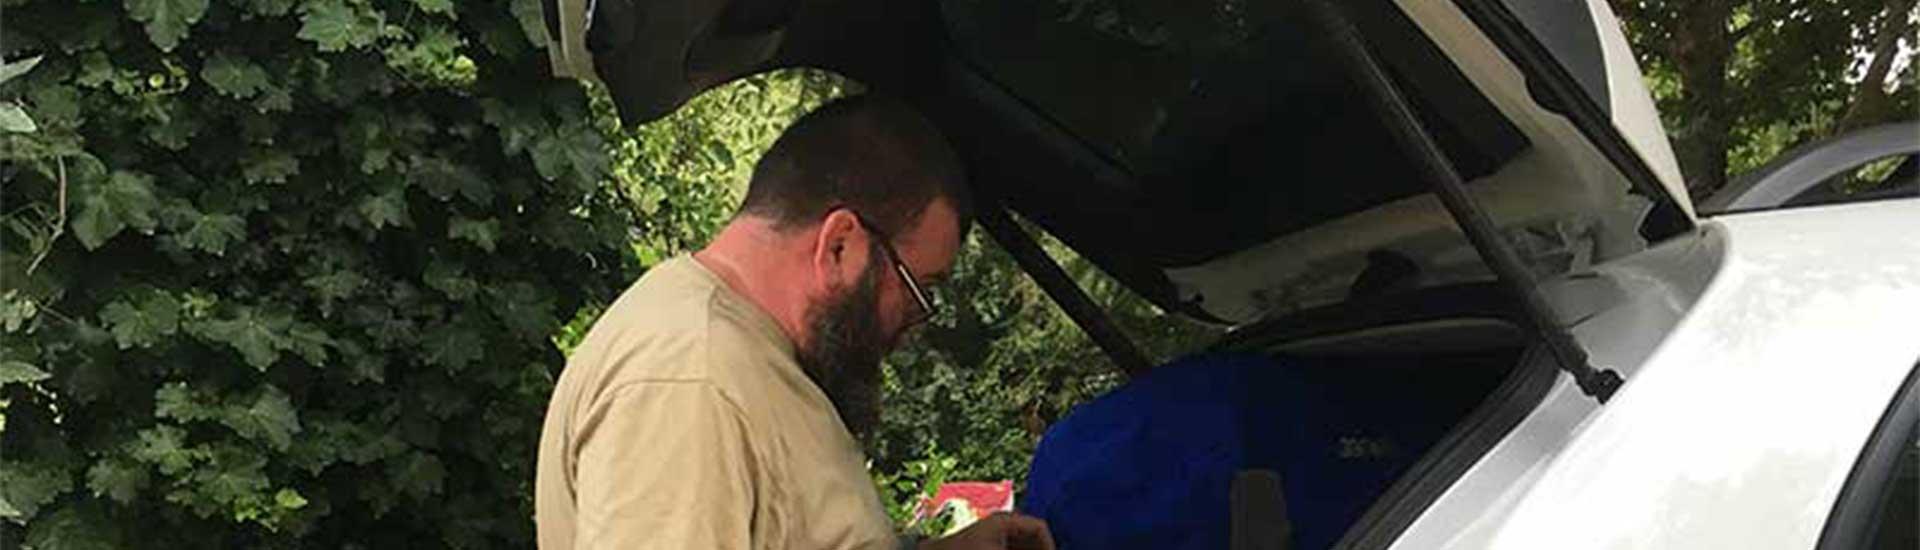 David pondering packup at Bright campsite